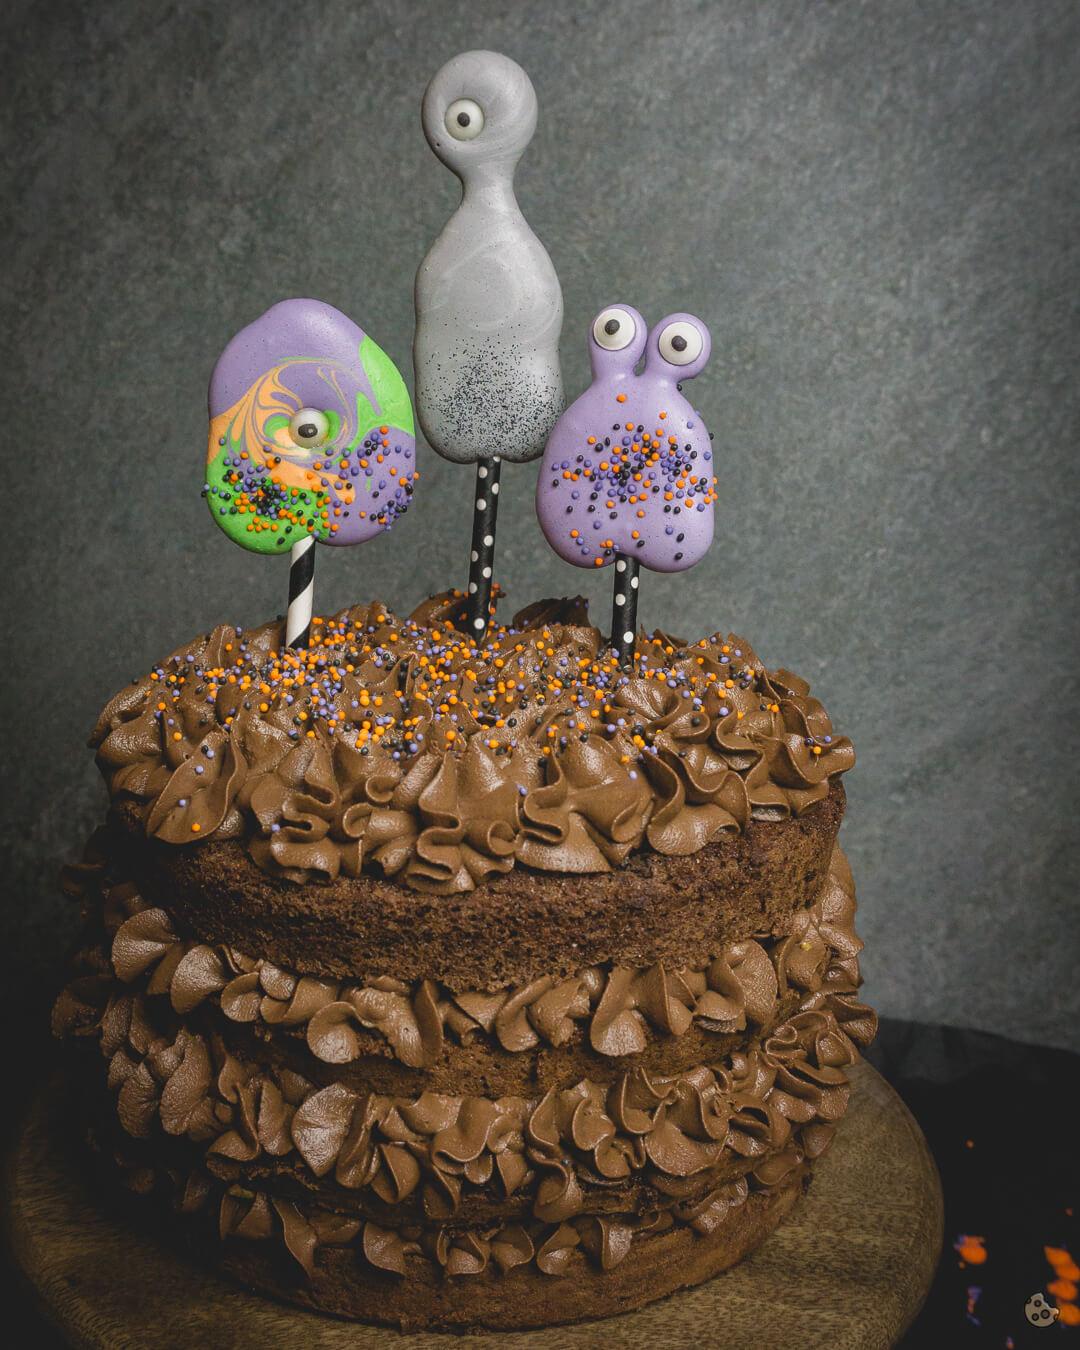 Monster Schoko Knusper Torte zu Halloween